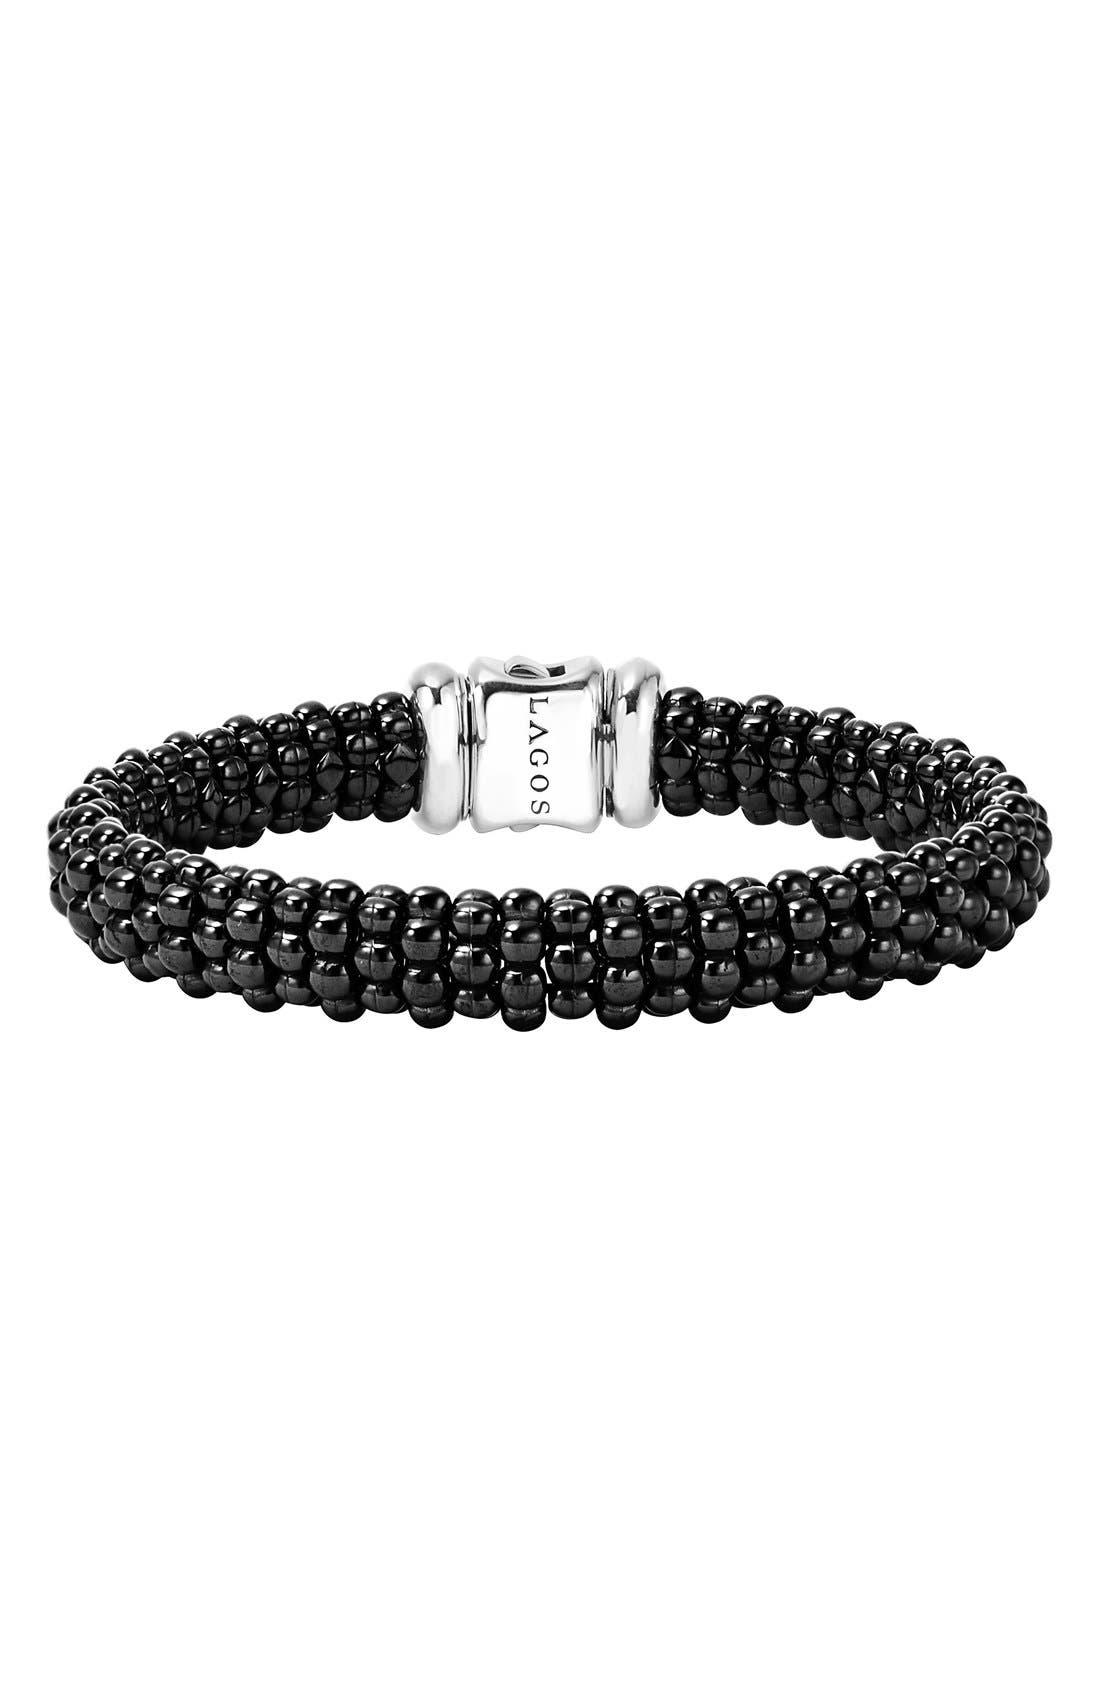 Black Caviar Bracelet,                         Main,                         color, BLACK CAVIAR